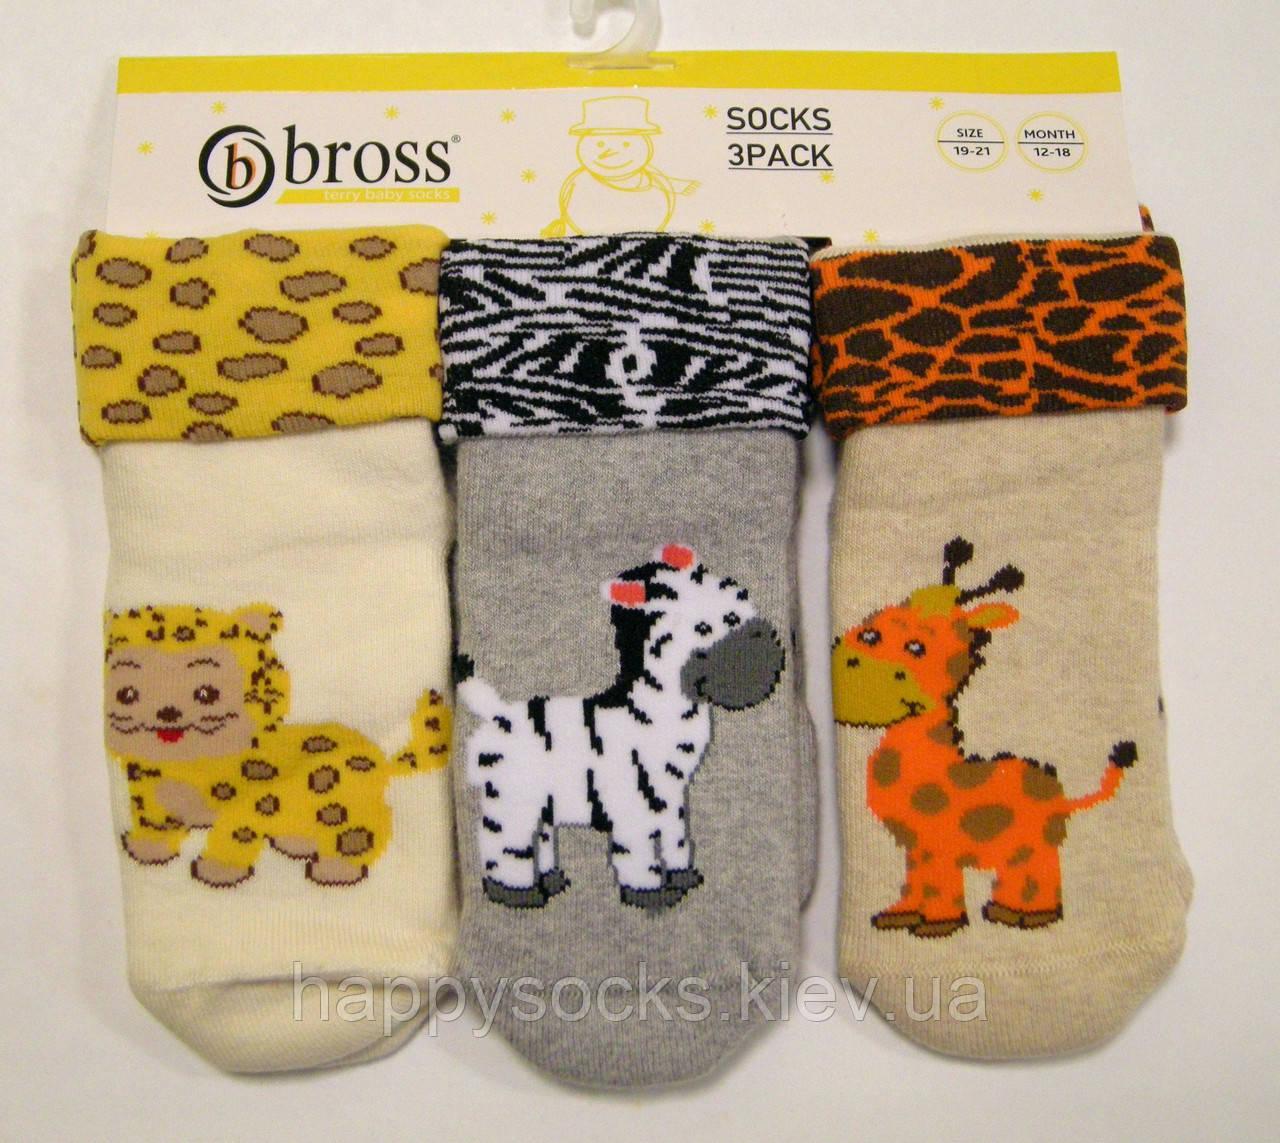 Детские носочки махровые с силиконом на стопе со зверятами